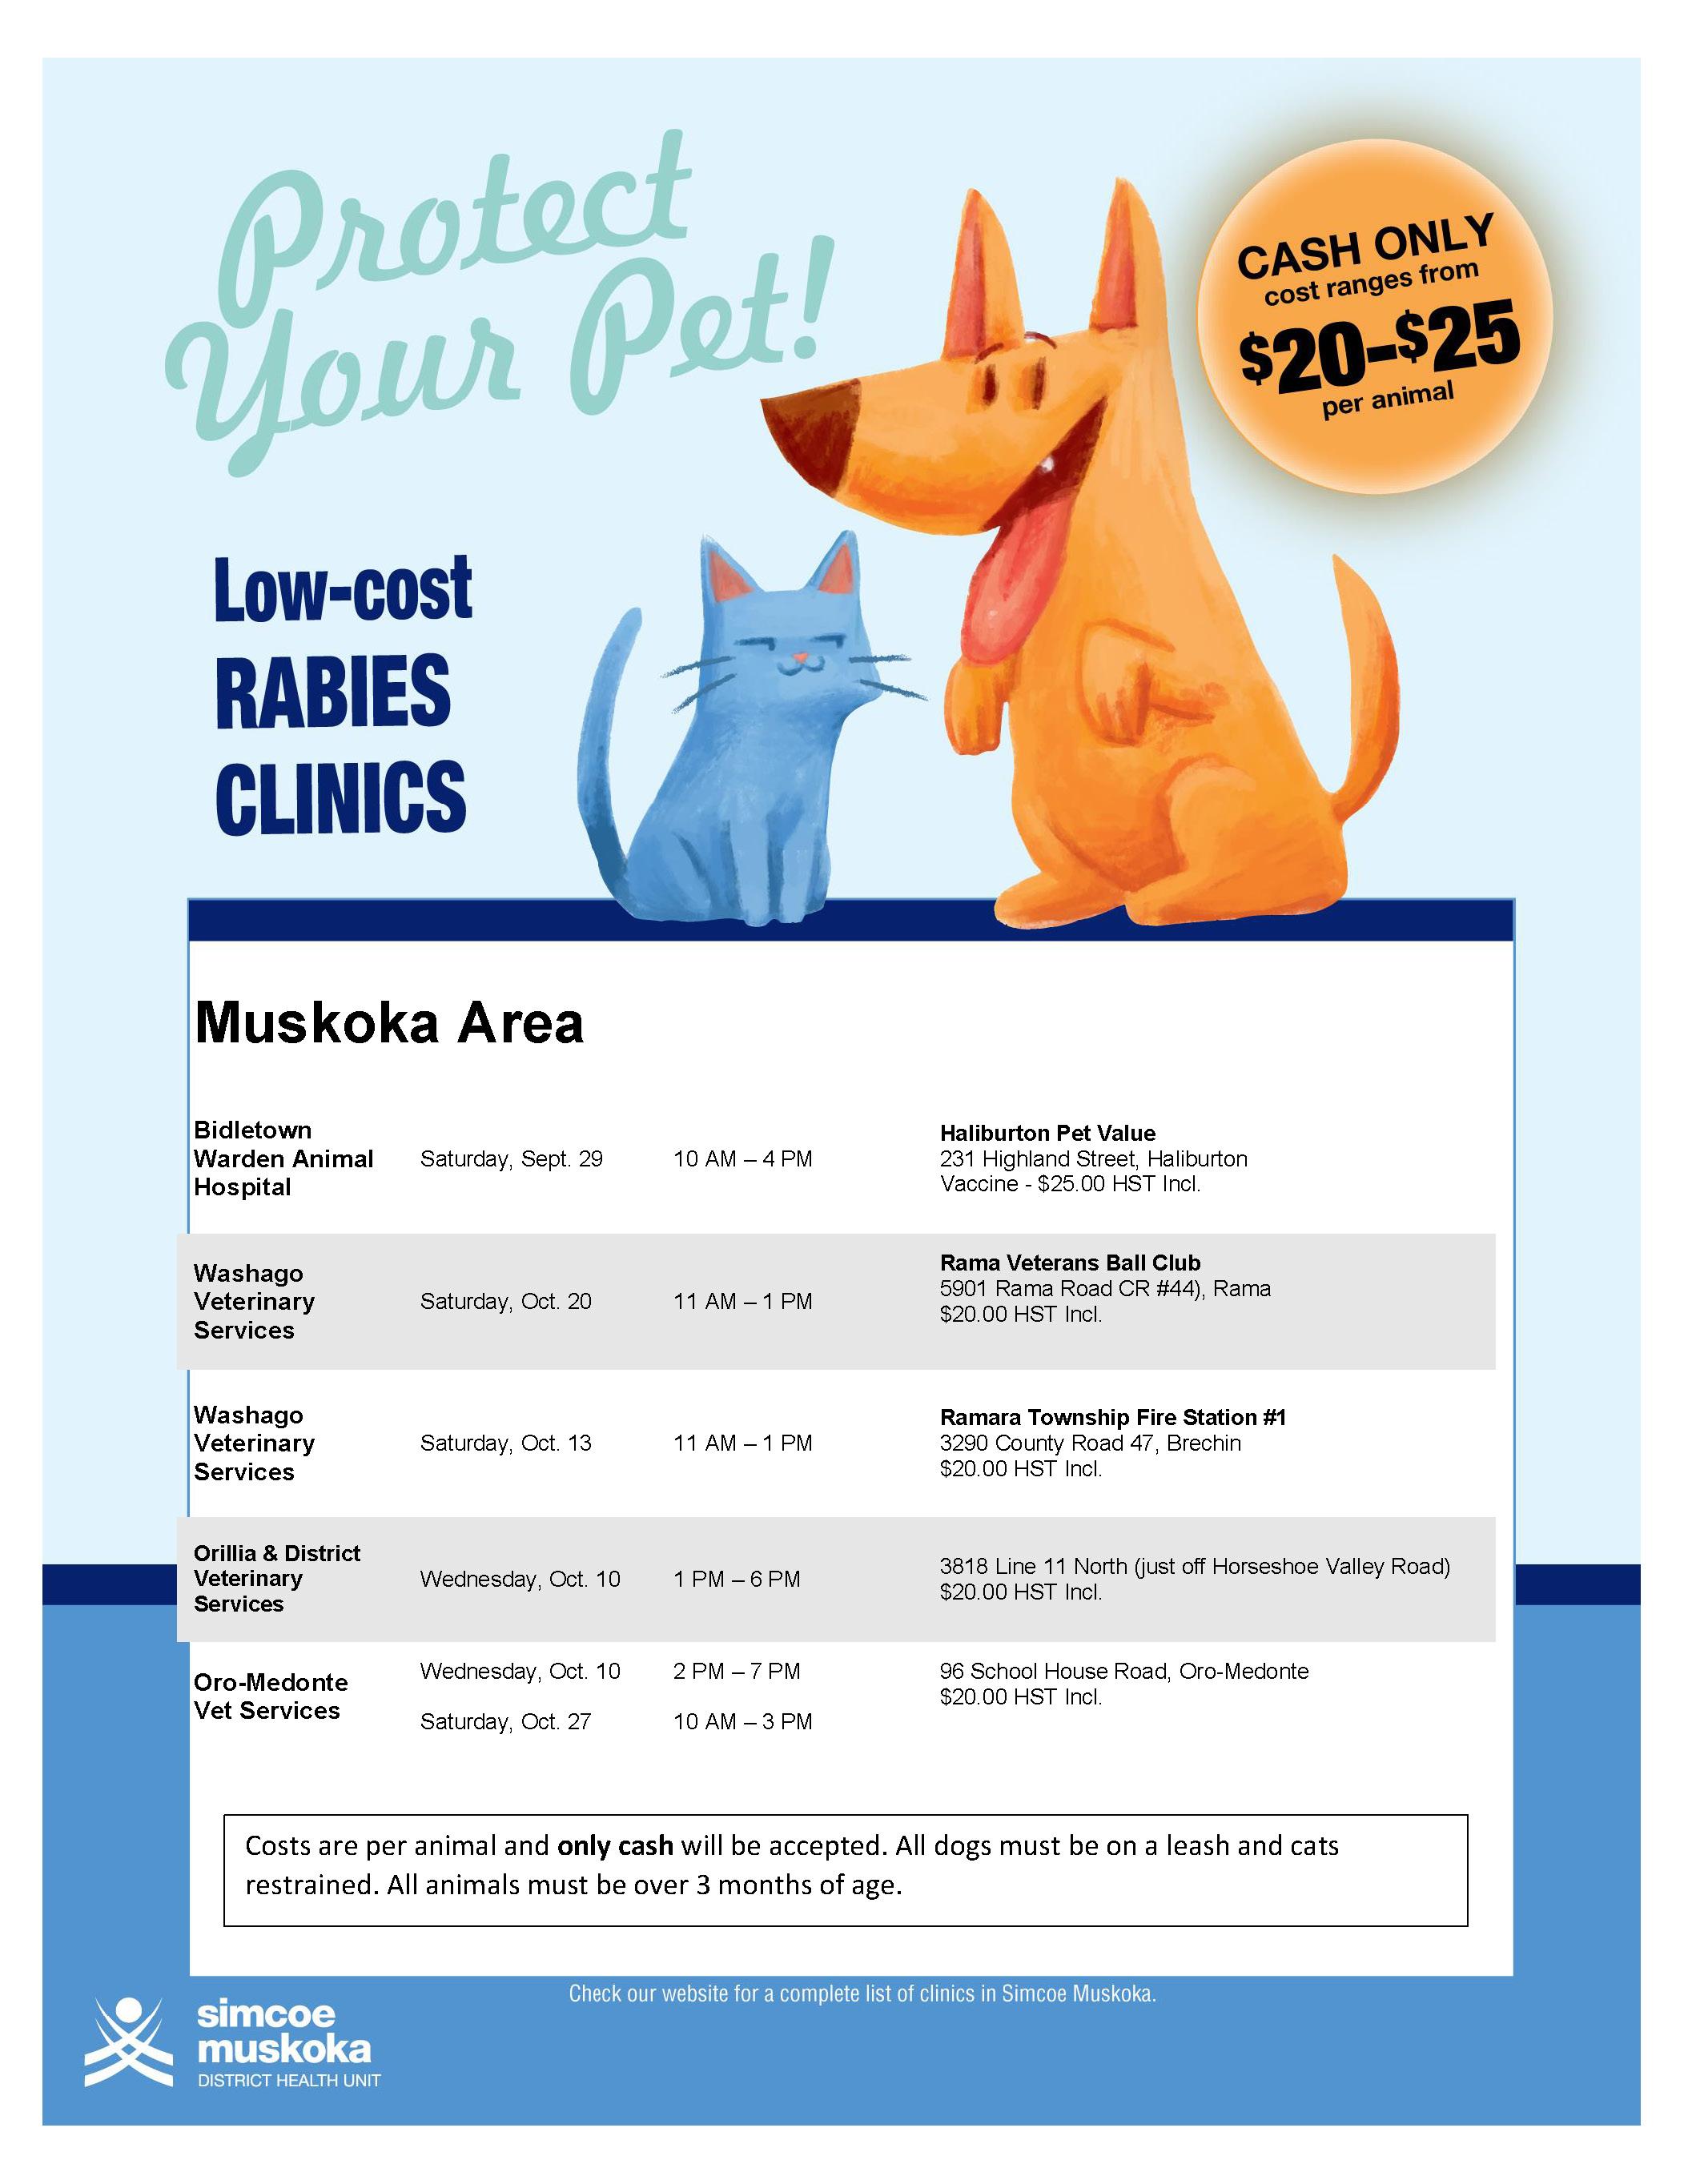 Muskoka low cost rabies clinics